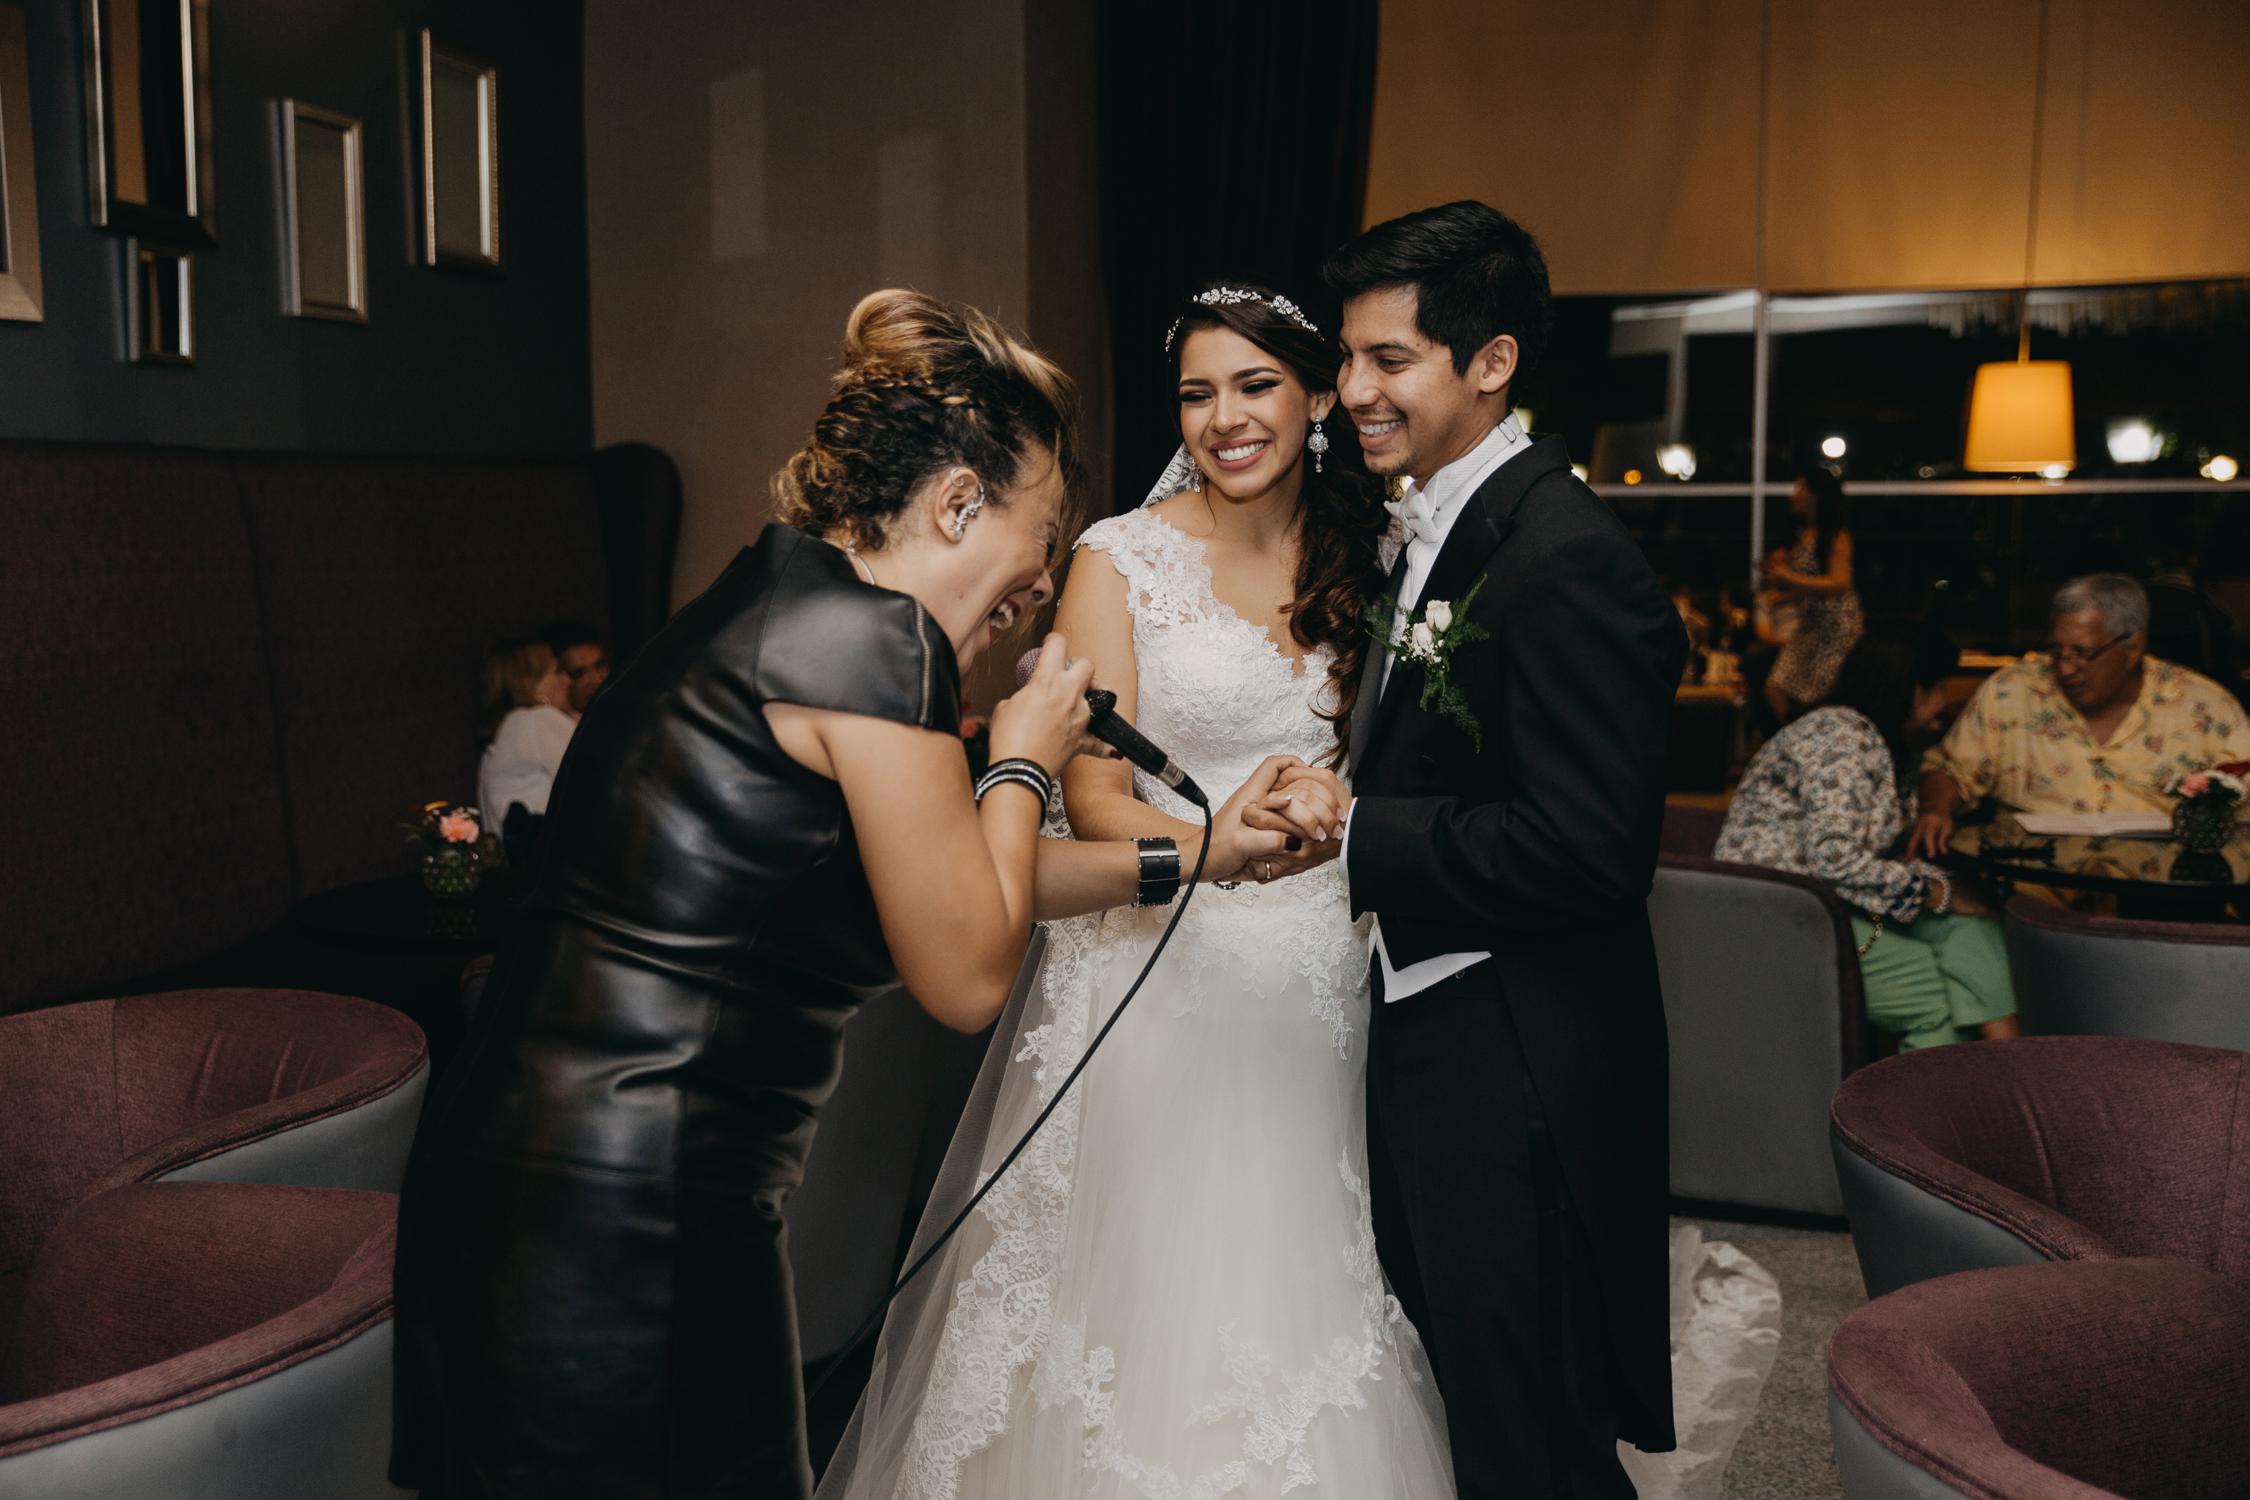 Michelle-Agurto-Fotografia-Bodas-Ecuador-Destination-Wedding-Photographer-Patricia-Guido-143.JPG